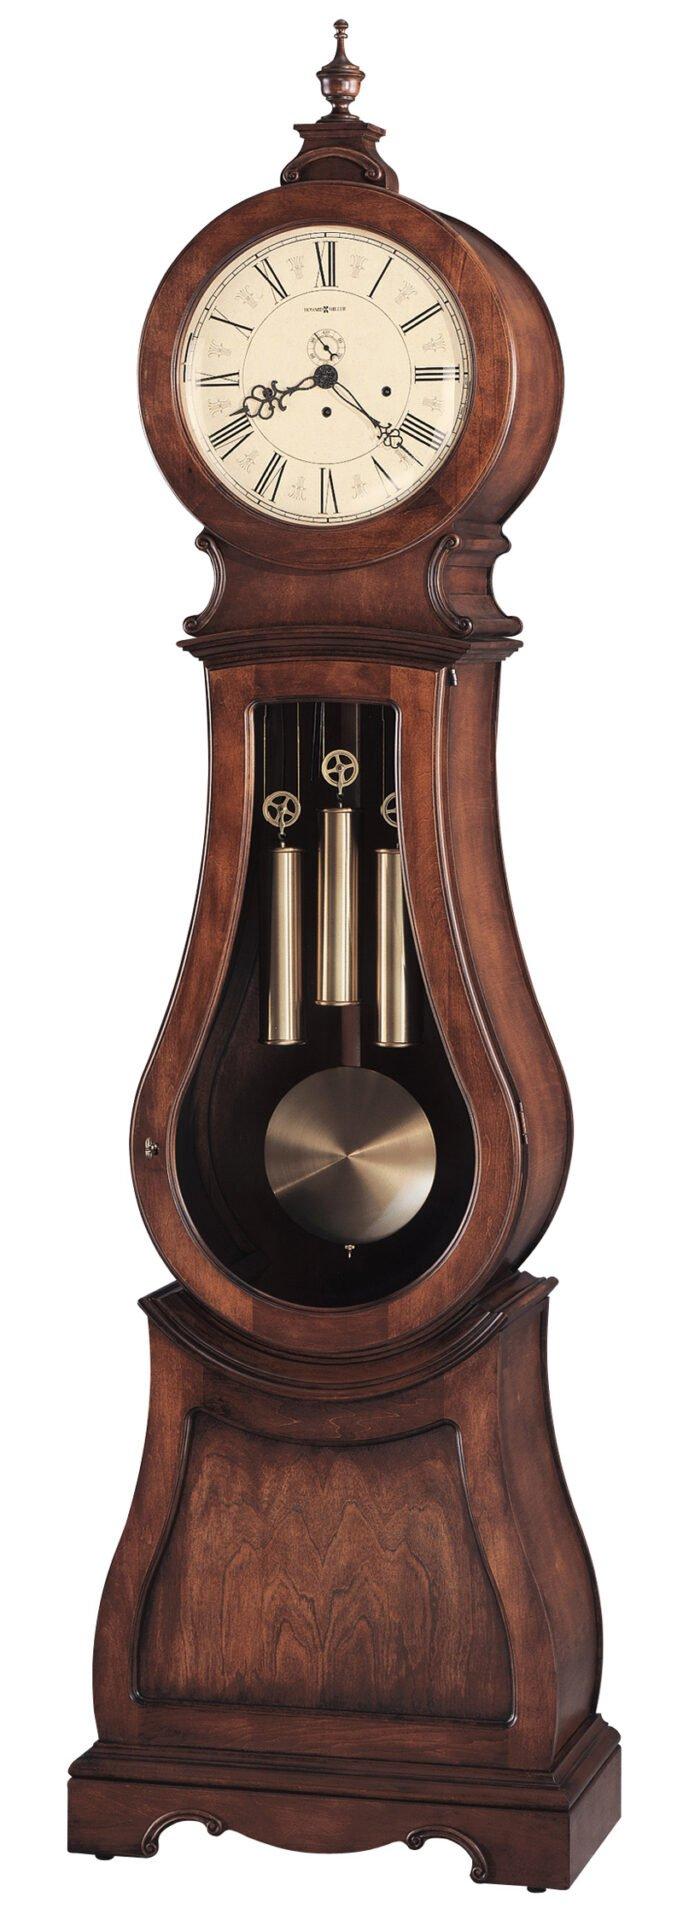 Howard Miller Floor Clock Arendal 611 005 Grandfather S Clock